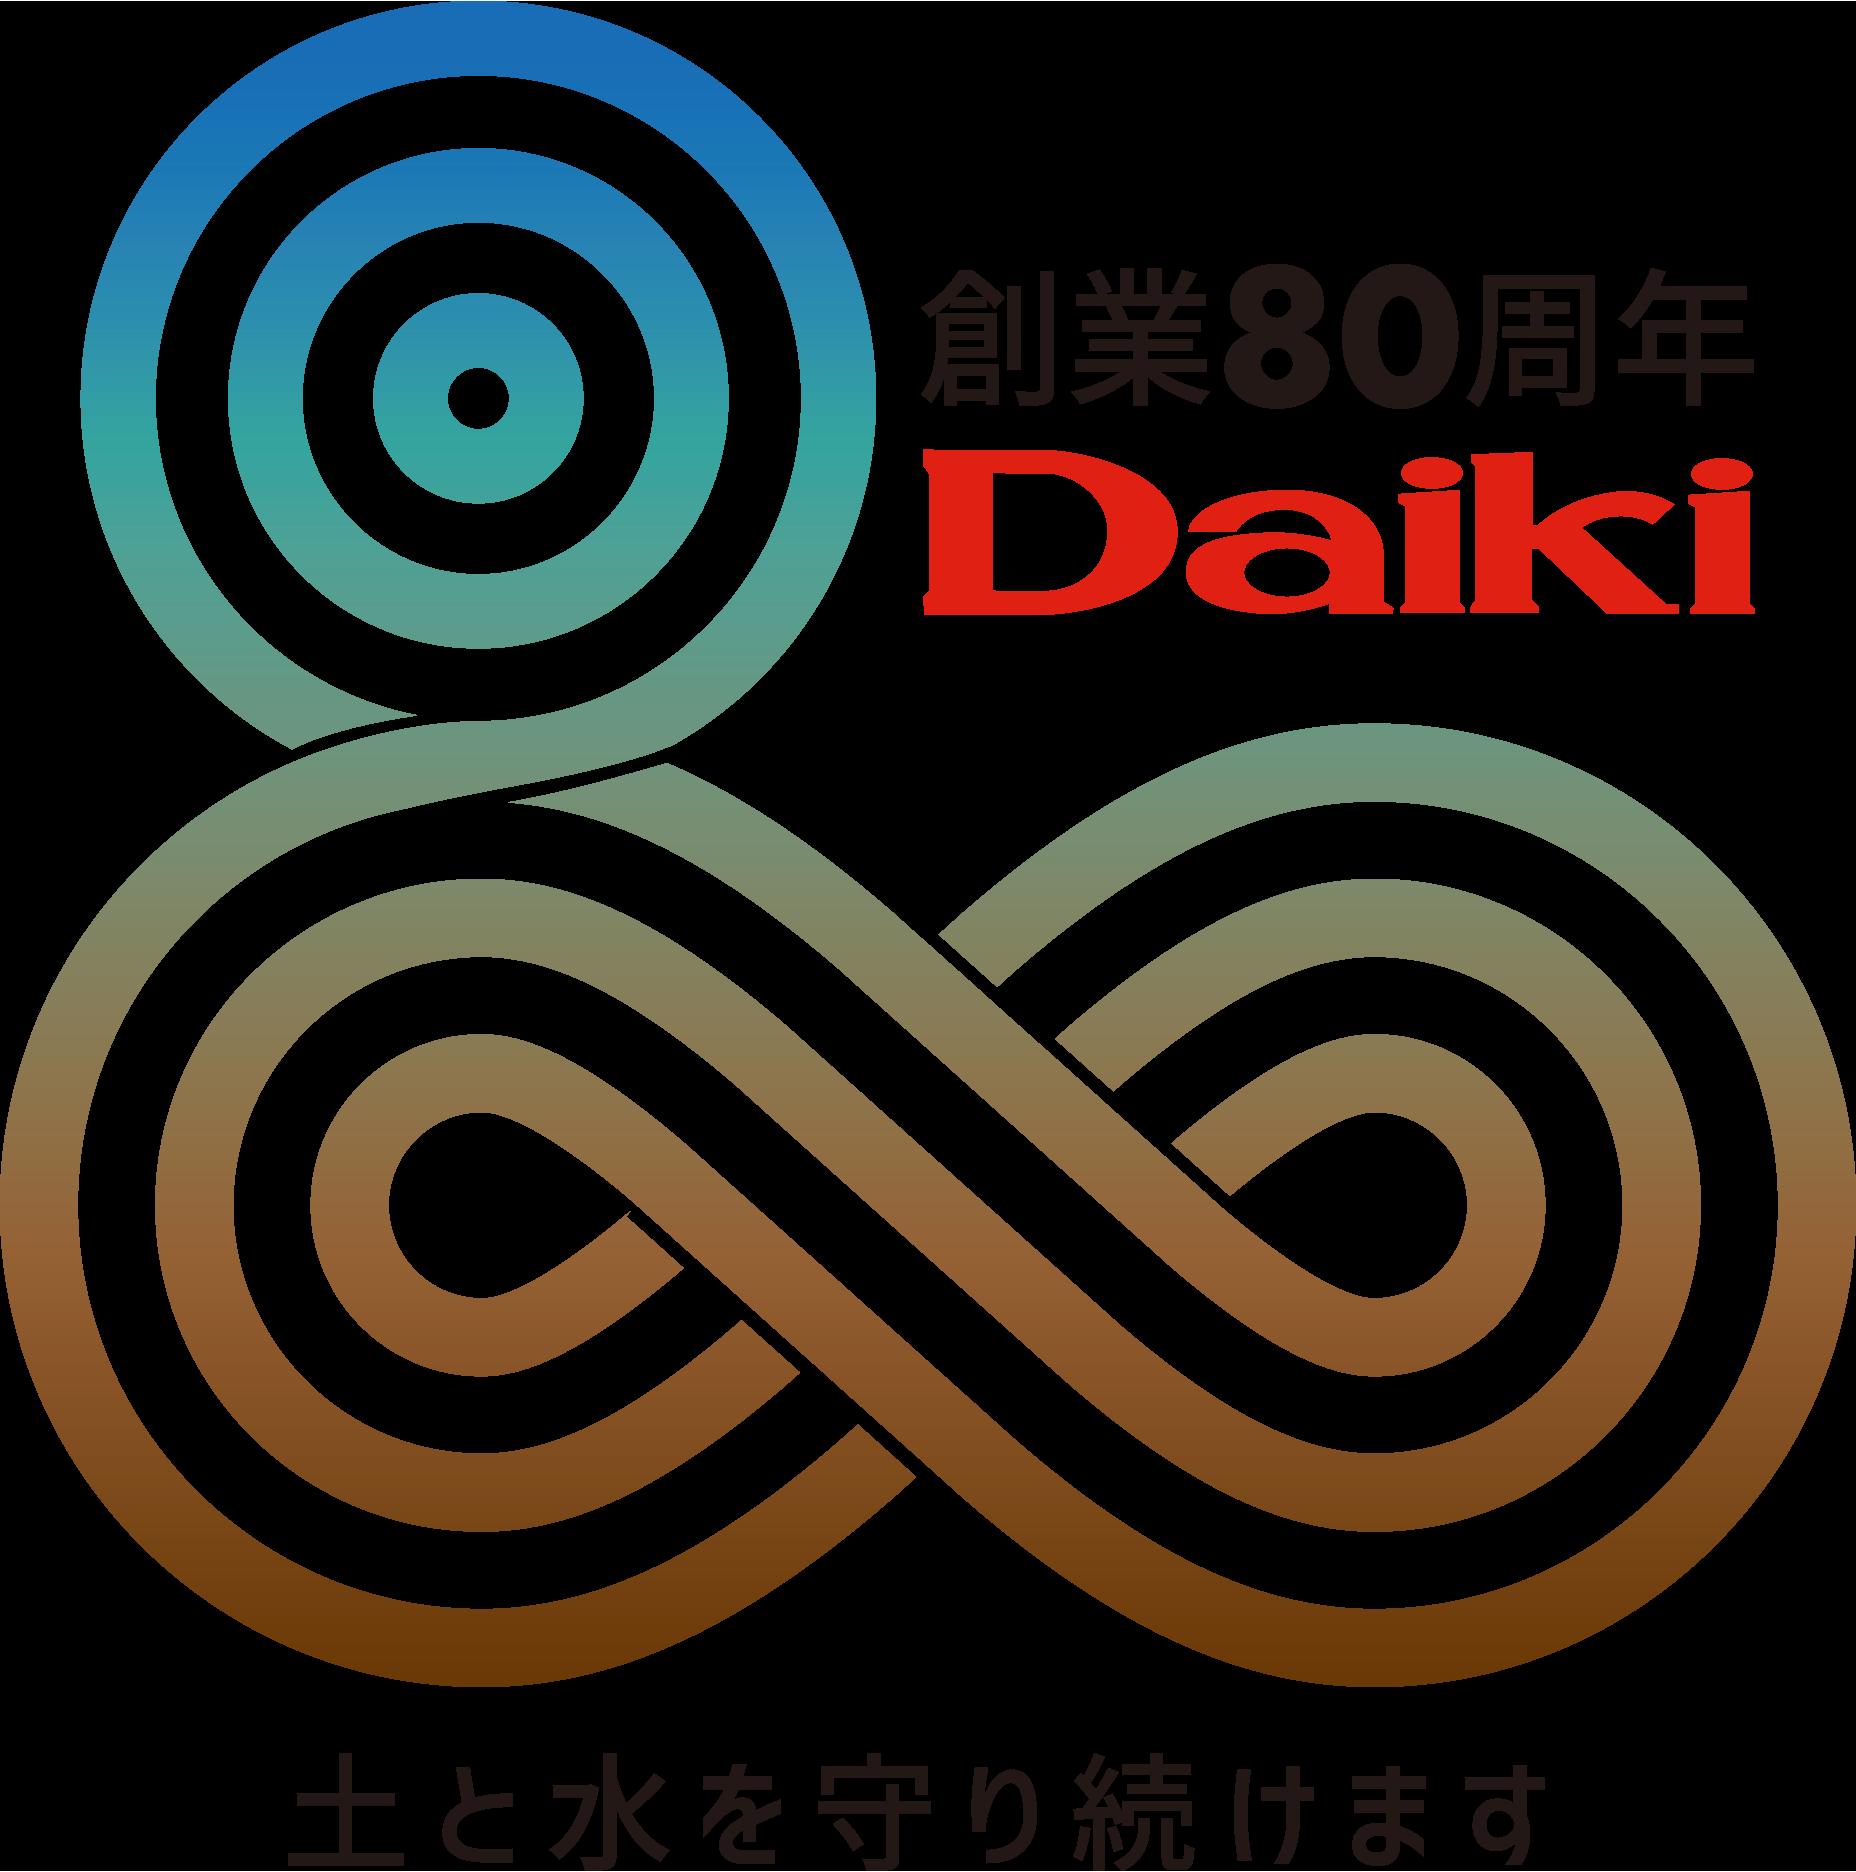 Daiki Rika Kogyo Co., Ltd